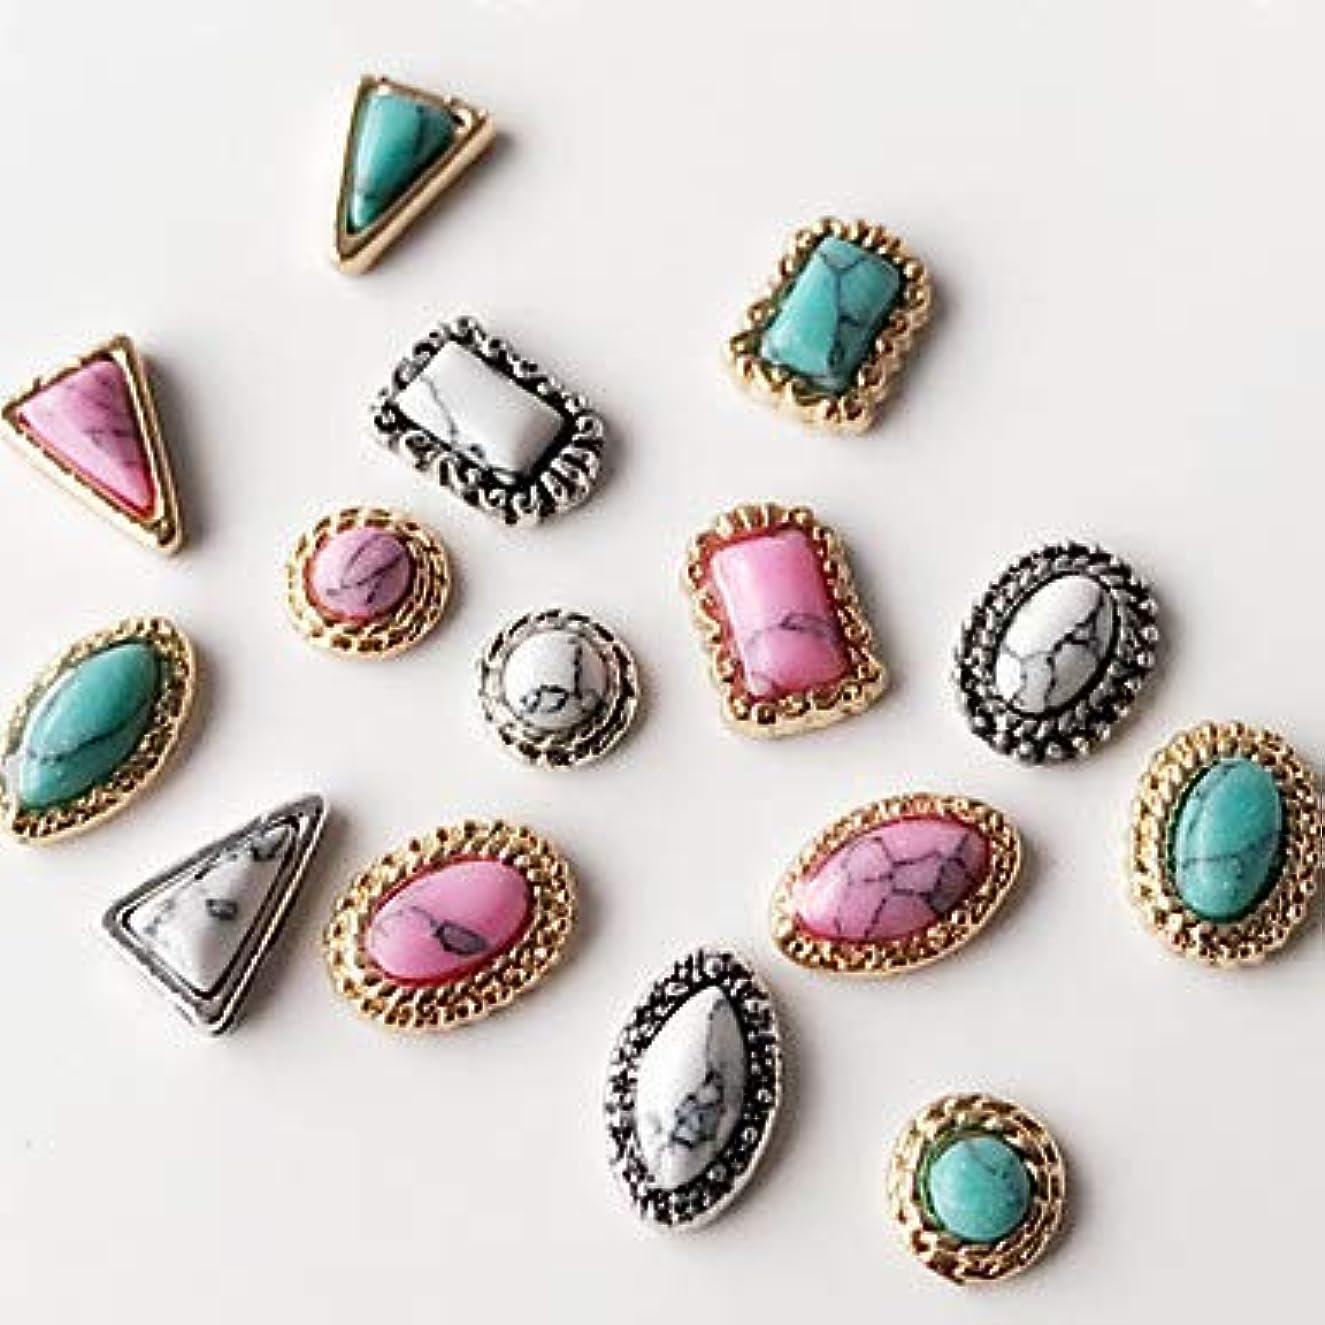 オプショナル激怒話をする10個混合スタイル混合色古代の宝石ネイルアートの装飾に戻ります